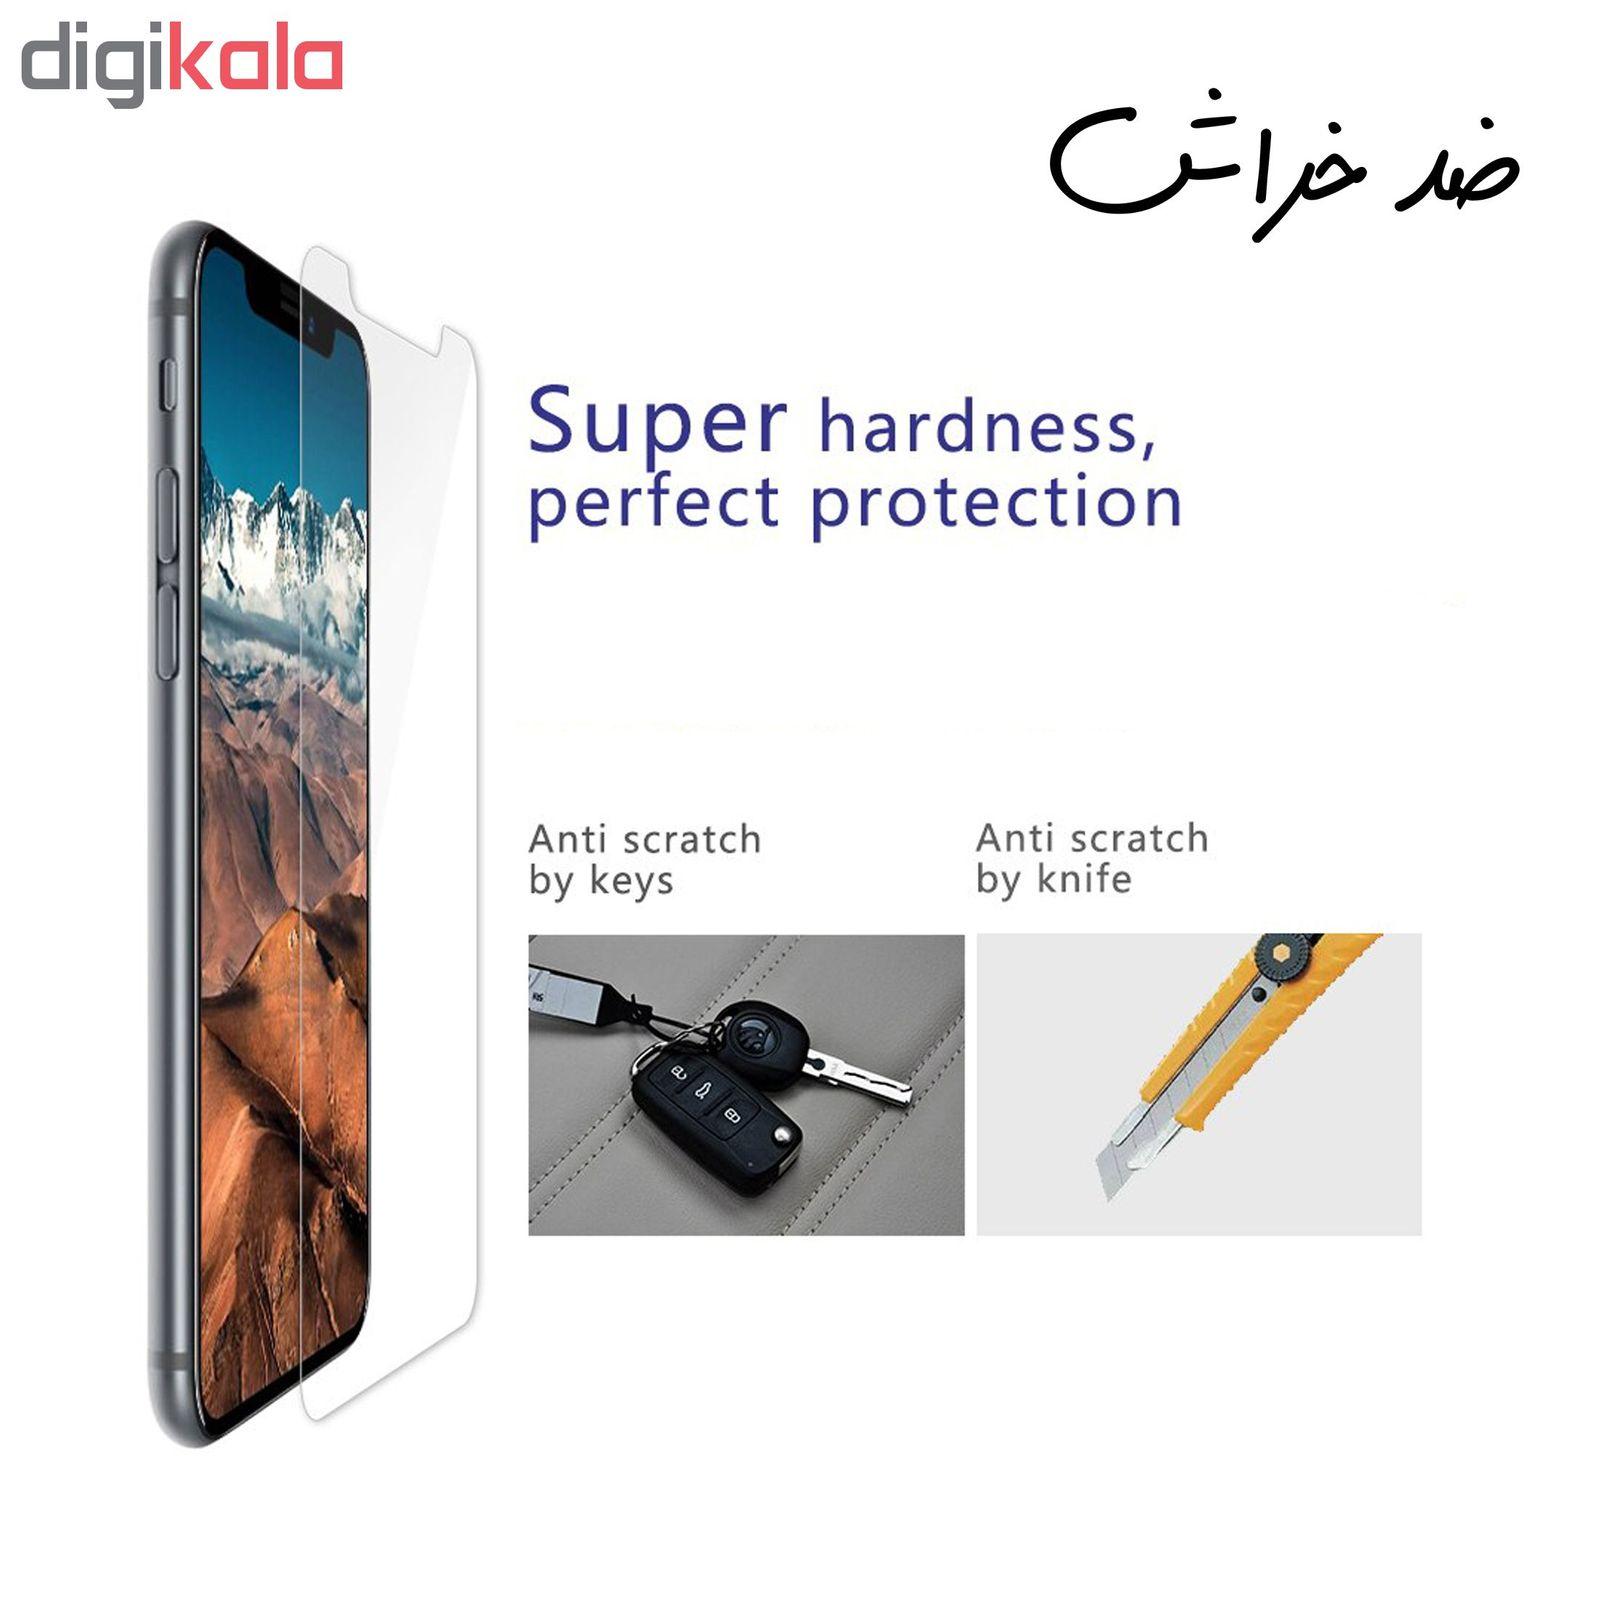 محافظ صفحه نمایش  و پشت گوشی Hard and Thick مدل F-01 مناسب برای گوشی موبایل اپل Iphone X/Xs main 1 5